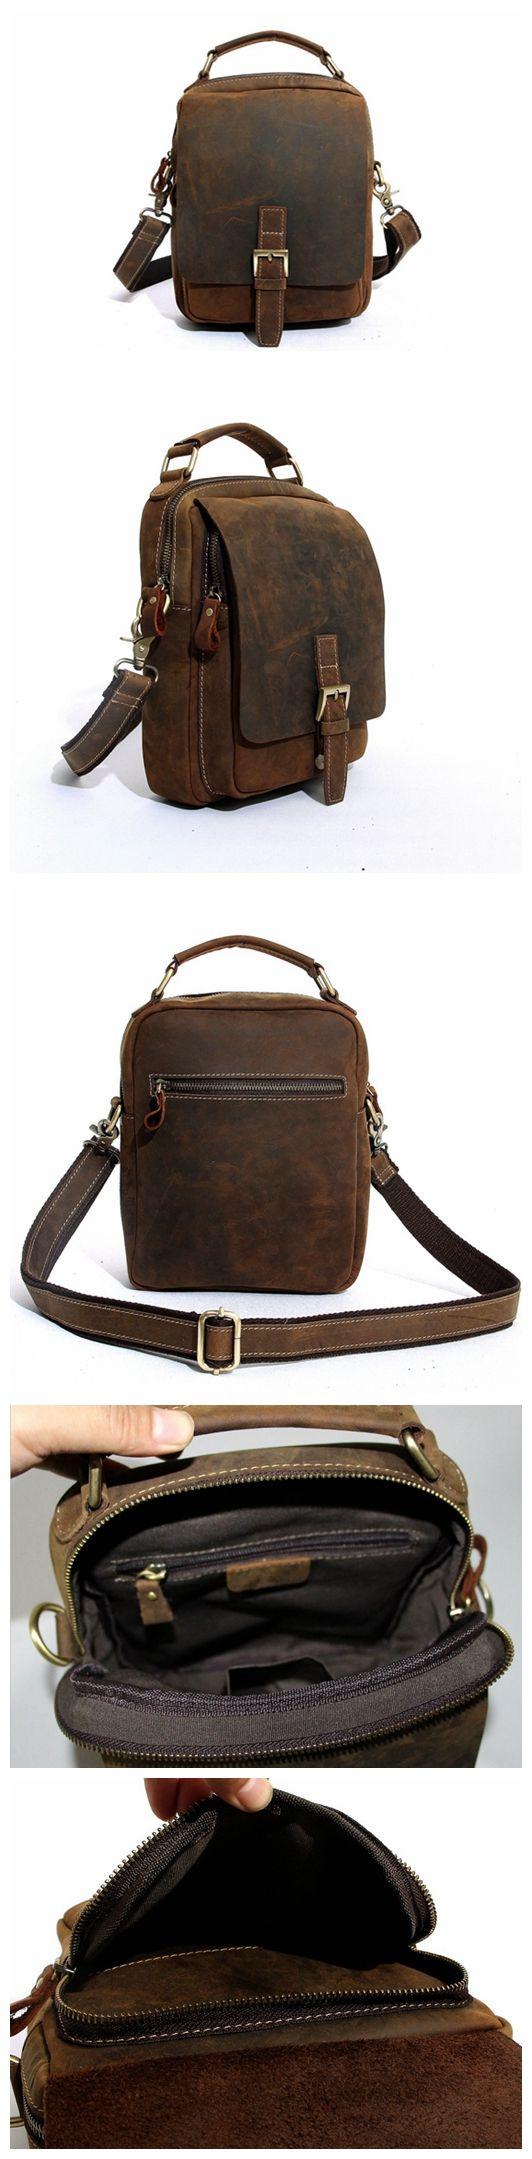 Handcrafted Vintage Crazy Horse Leather Messenger Bag, Shoulder Bag, Mens Satchel Handbag